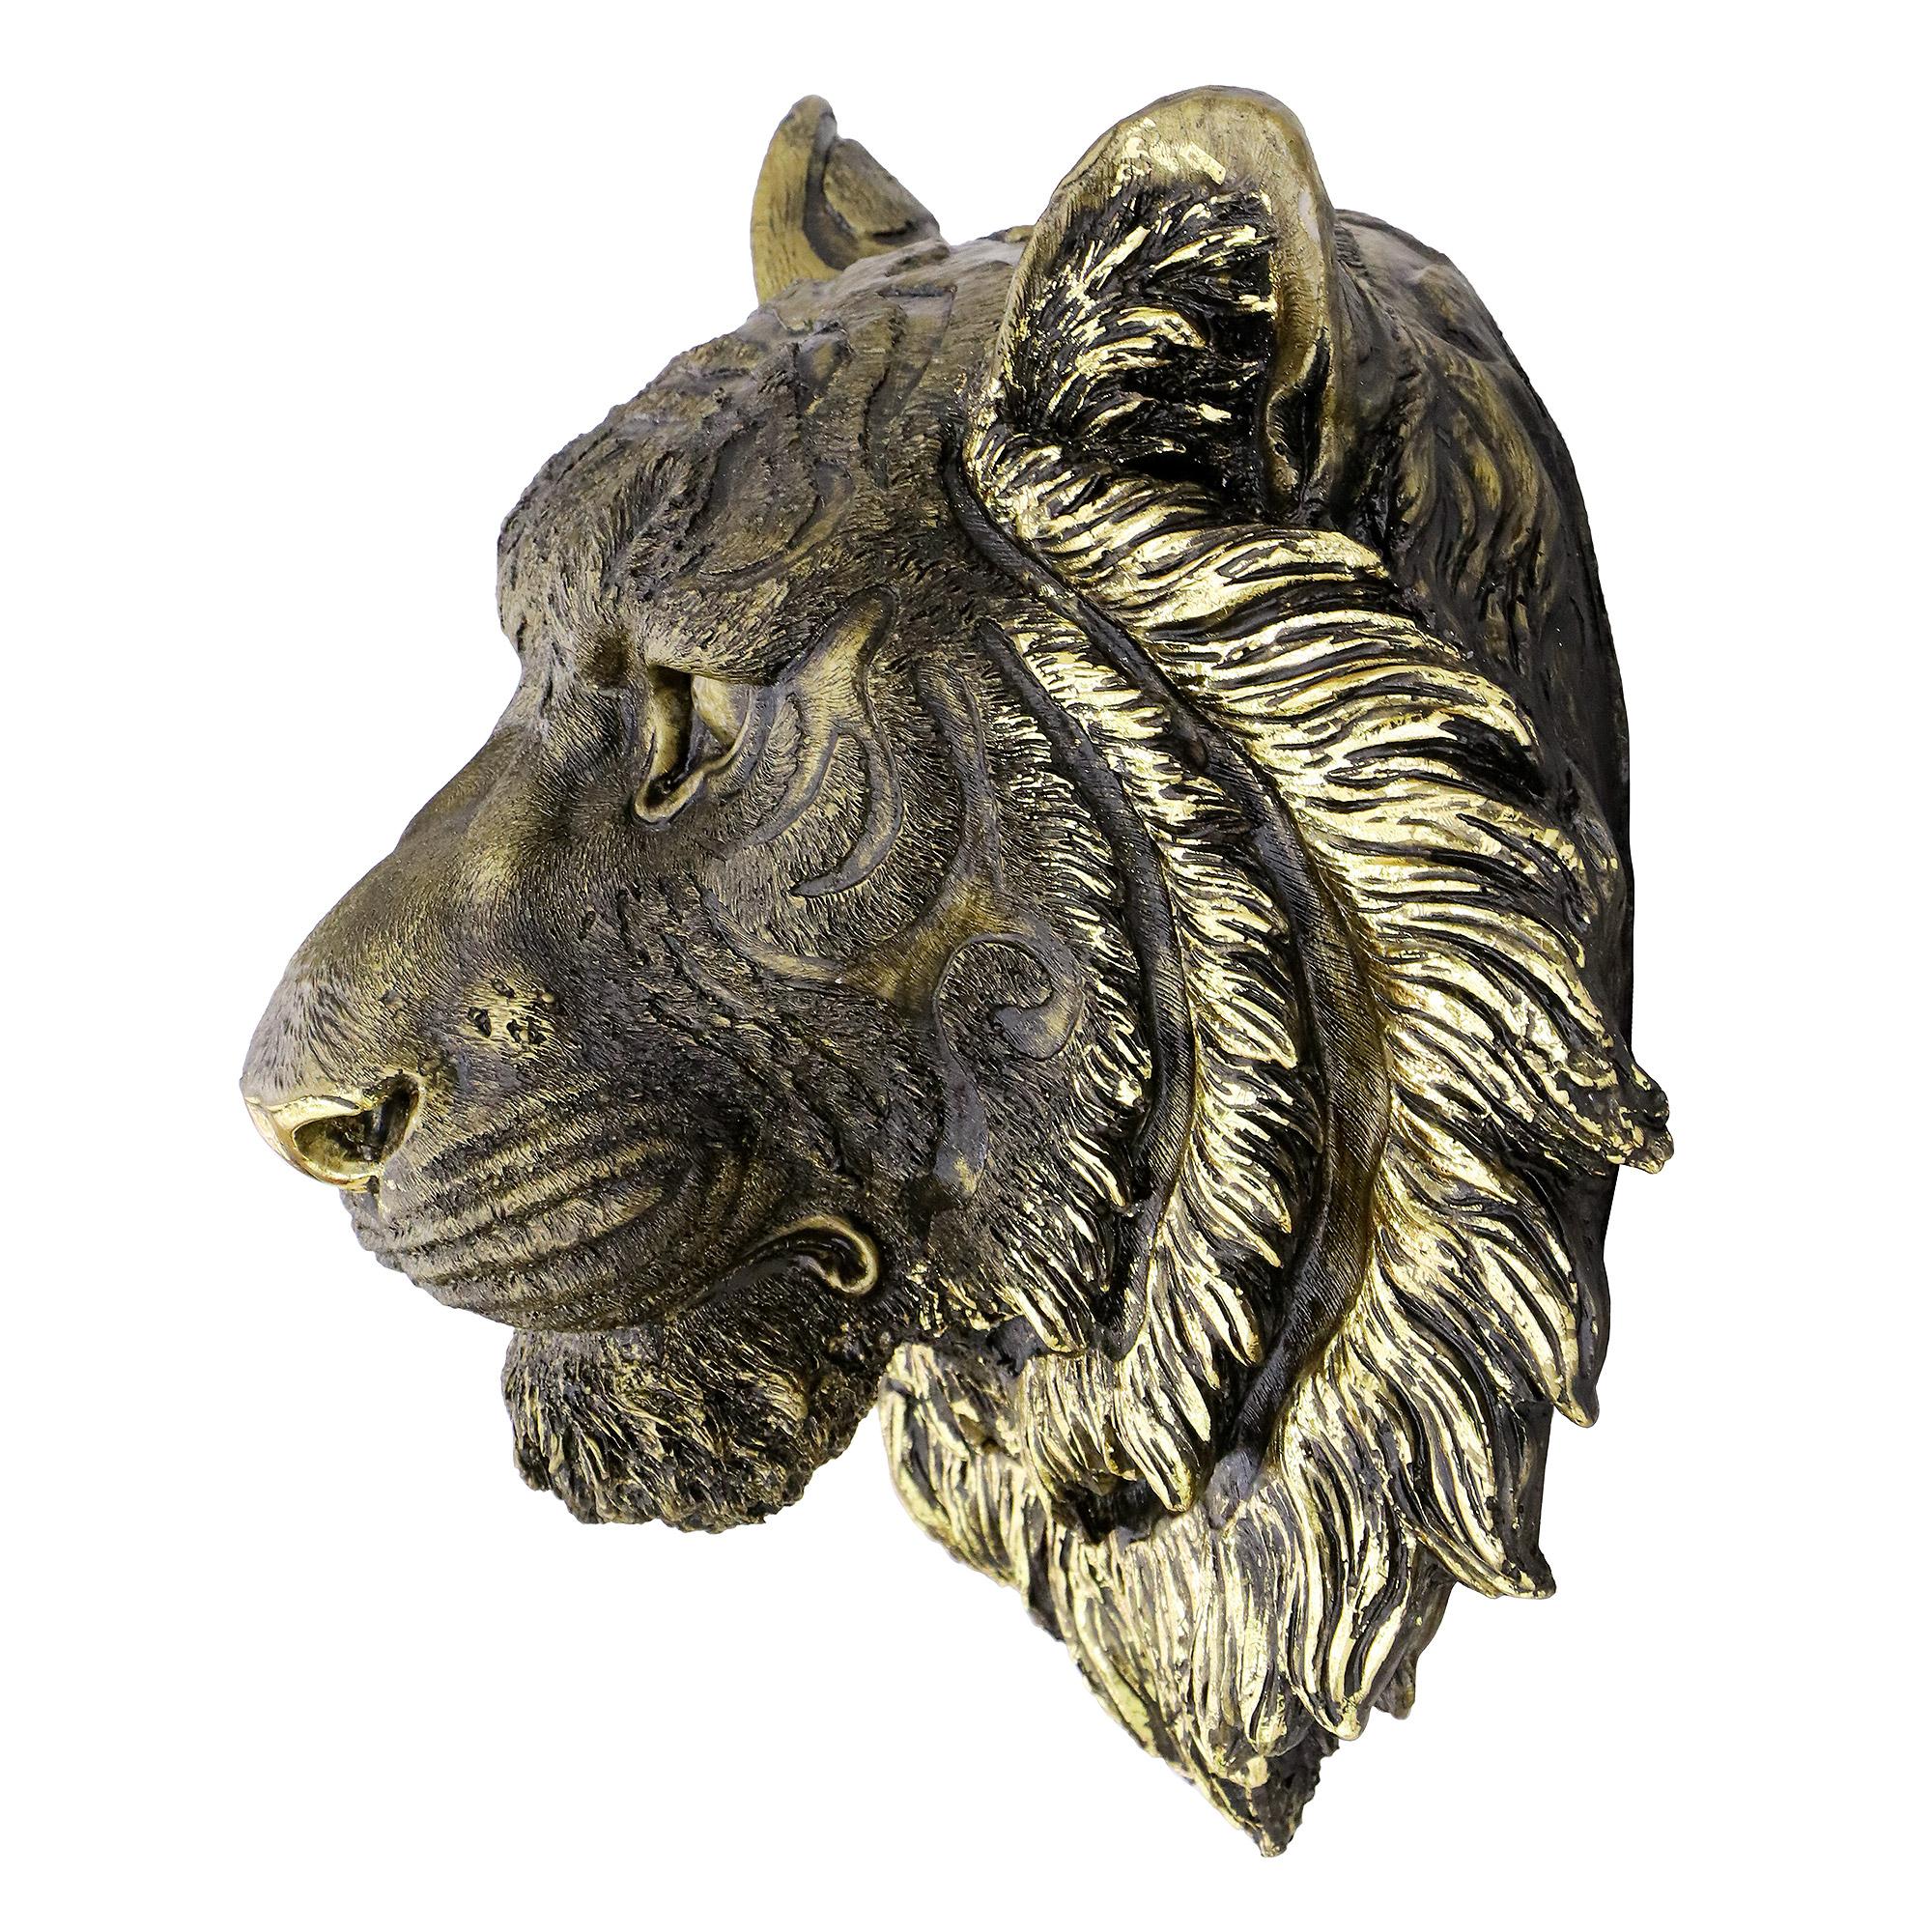 Изделие декоративное Тпк полиформ Голова тигра настенная 24 см БРОНЗА